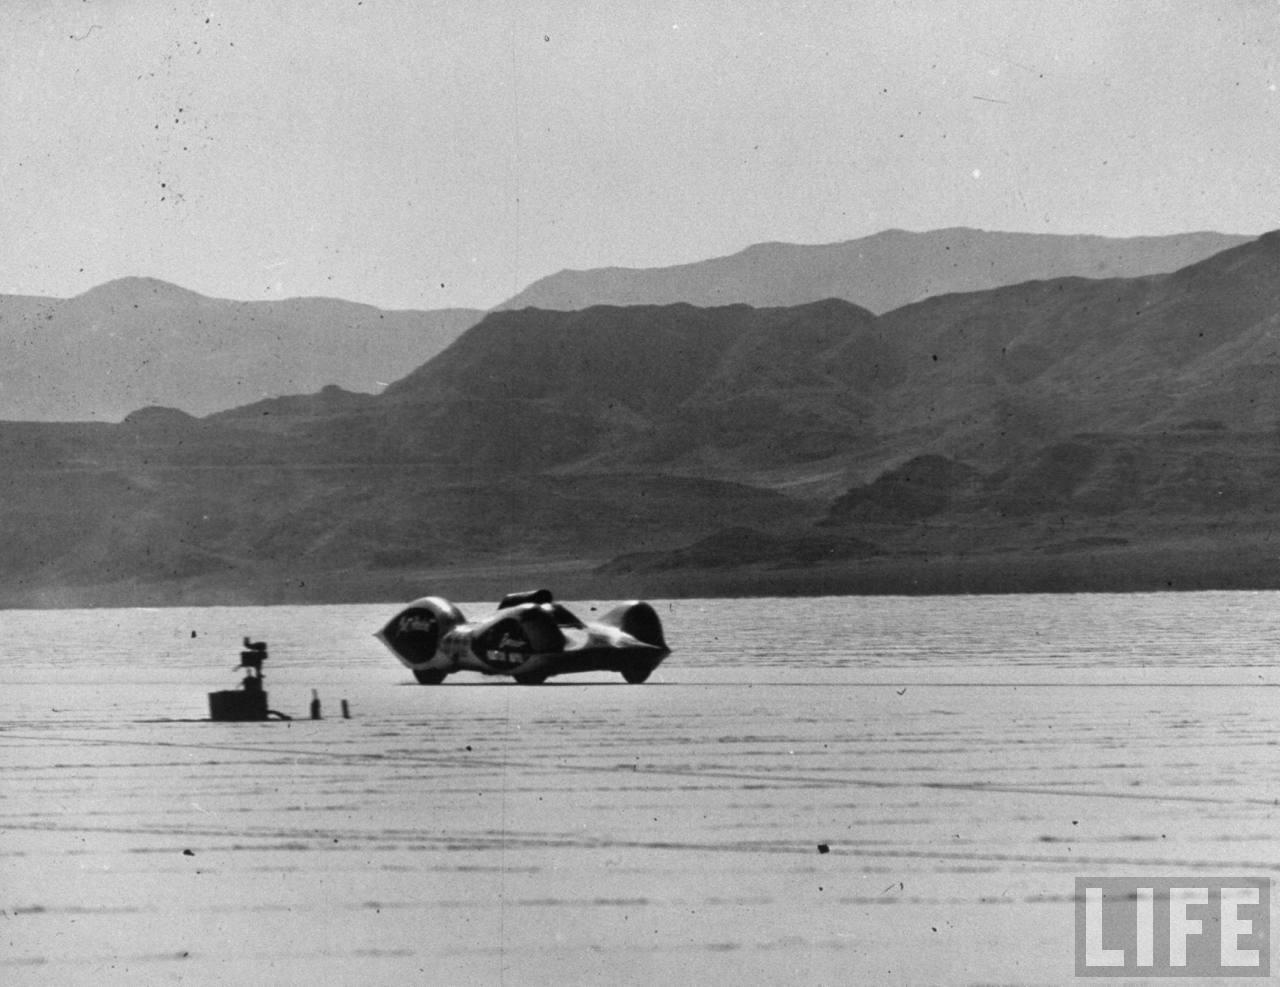 Chet Herbert's 'Beast 4' streamliner @ Bonneville Salt Flats - 1953 photo by JR Eyerman.jpg